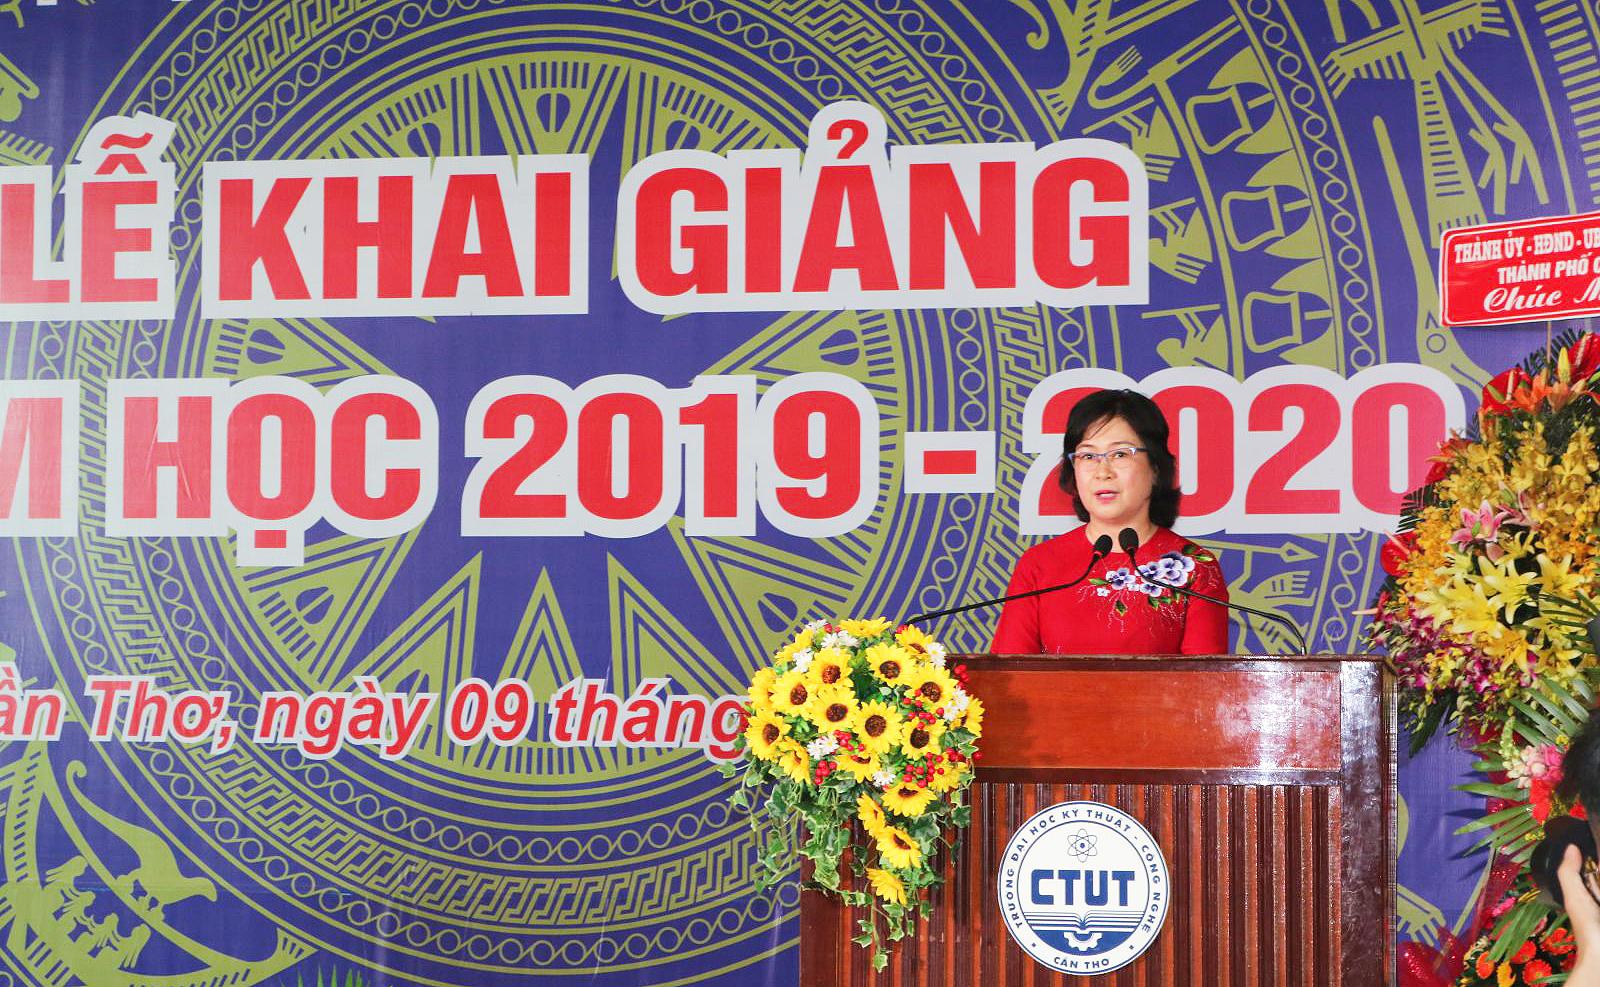 Phó Chủ tịch UBND thành phố Võ Thị Hồng Ánh đọc thư của Tổng Bí thư, Chủ tịch nước Nguyễn Phú Trọng gửi ngành giáo dục dịp này. Ảnh: B.NG